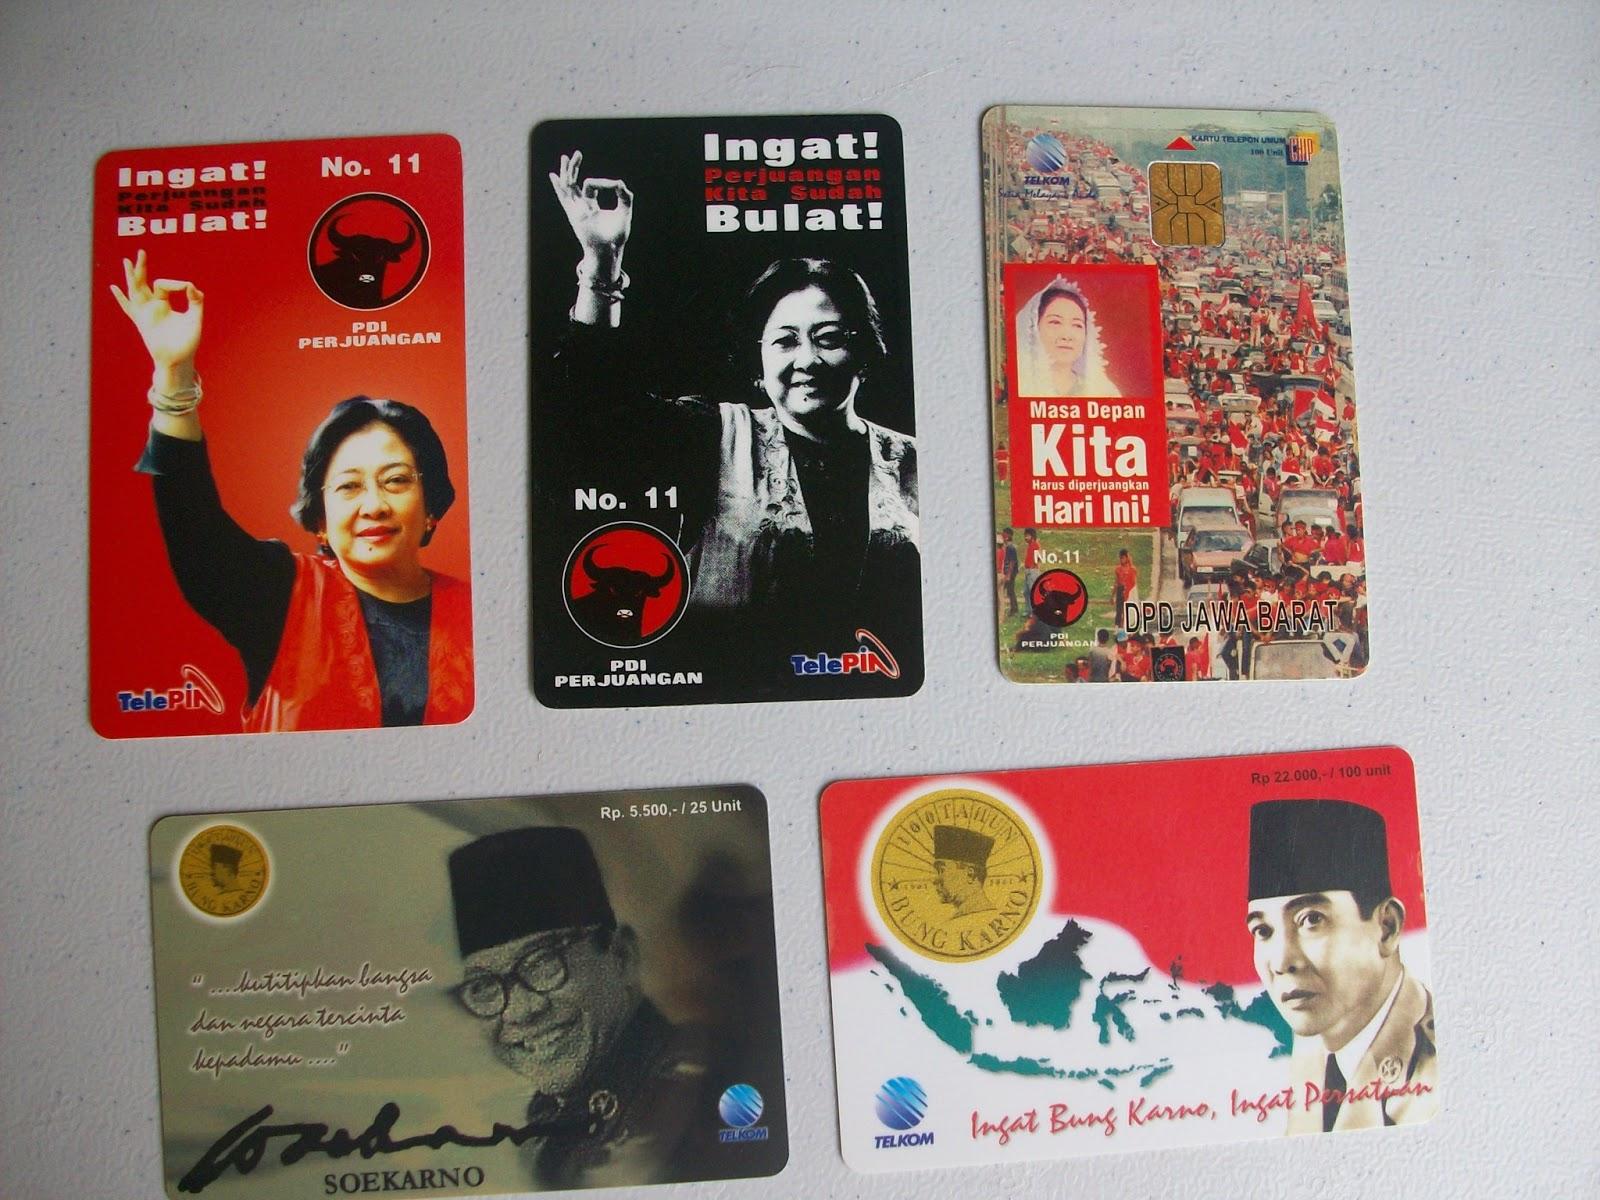 seperti di Jepang Inggris dan Malaysia di beberapa negara kartu telp ini jadi barang koleksi yang menarik gimana di negeri ini apa anda tertarik